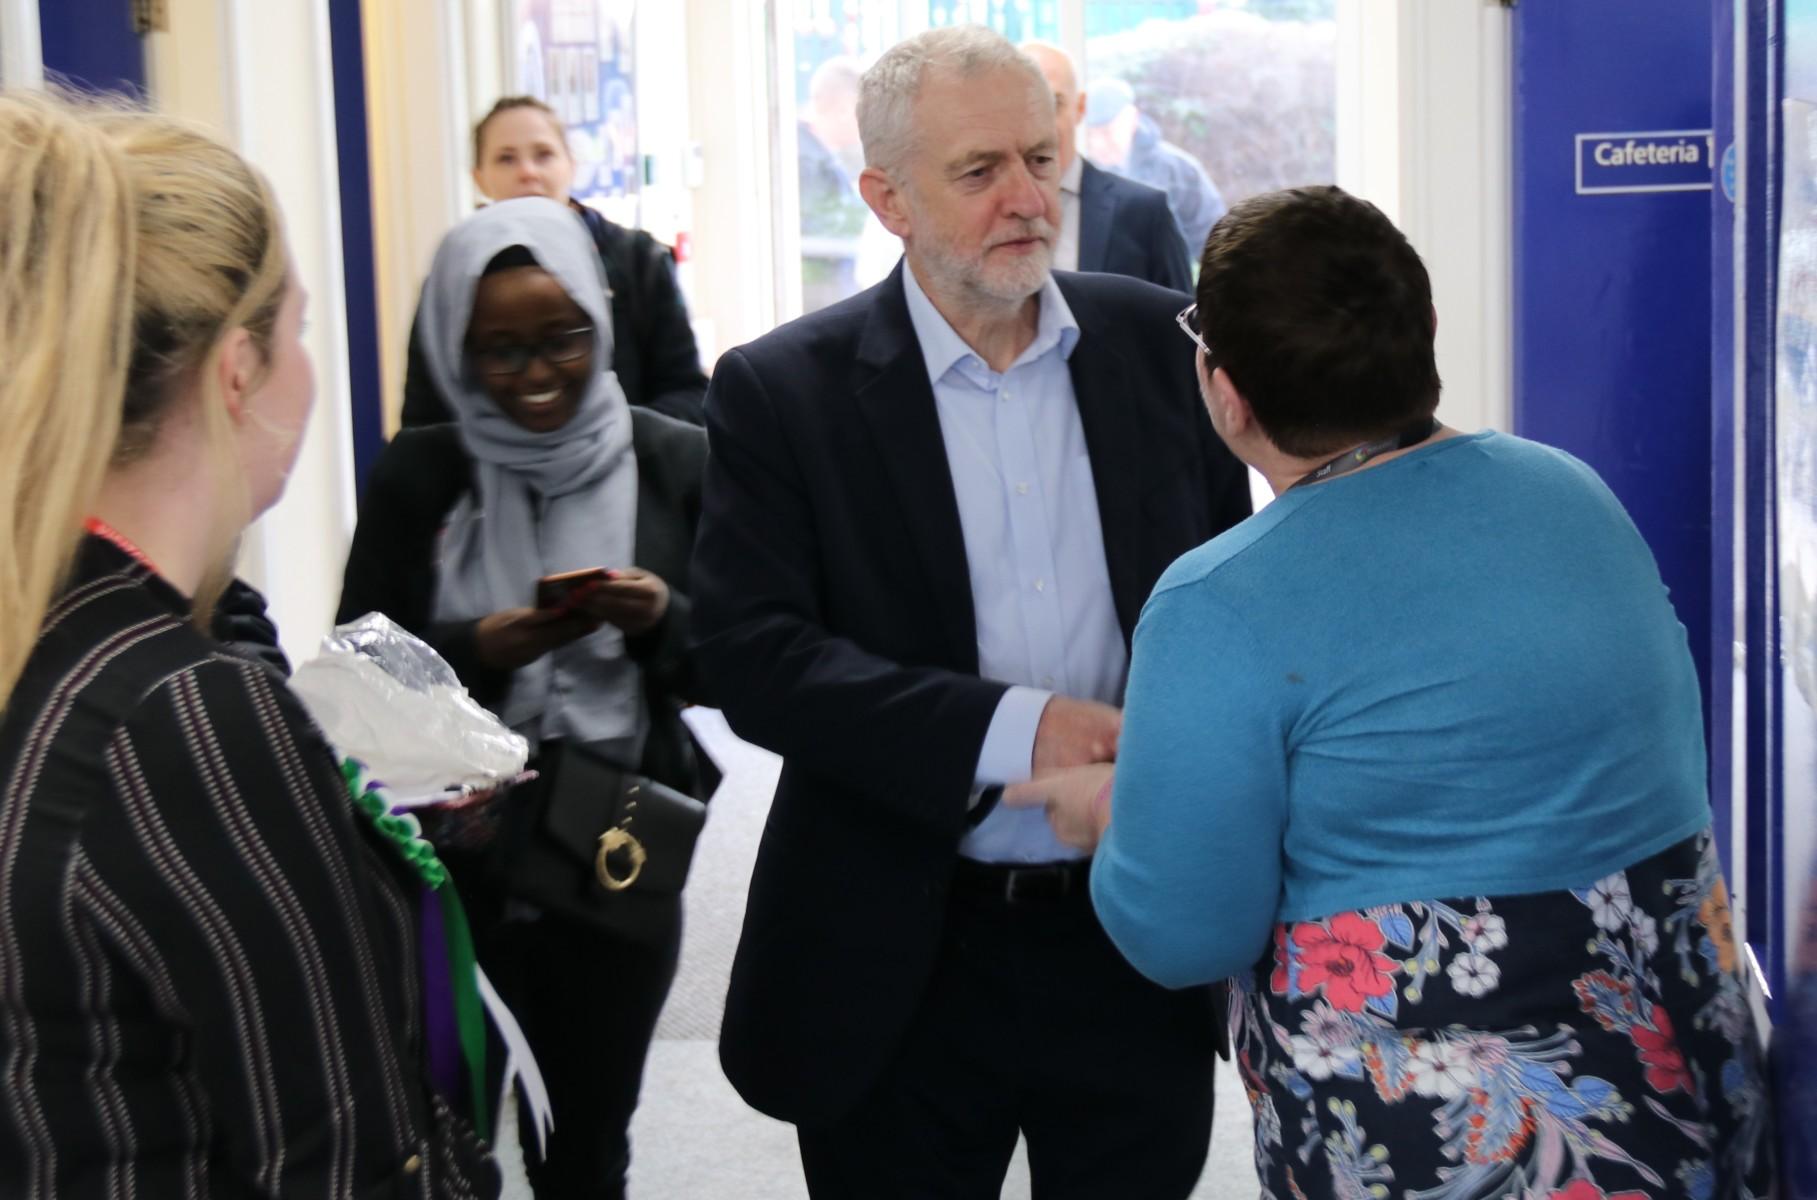 Jeremy Corbyn visits Hucknall Sixth Form Centre as part of International Women's Day celebrations